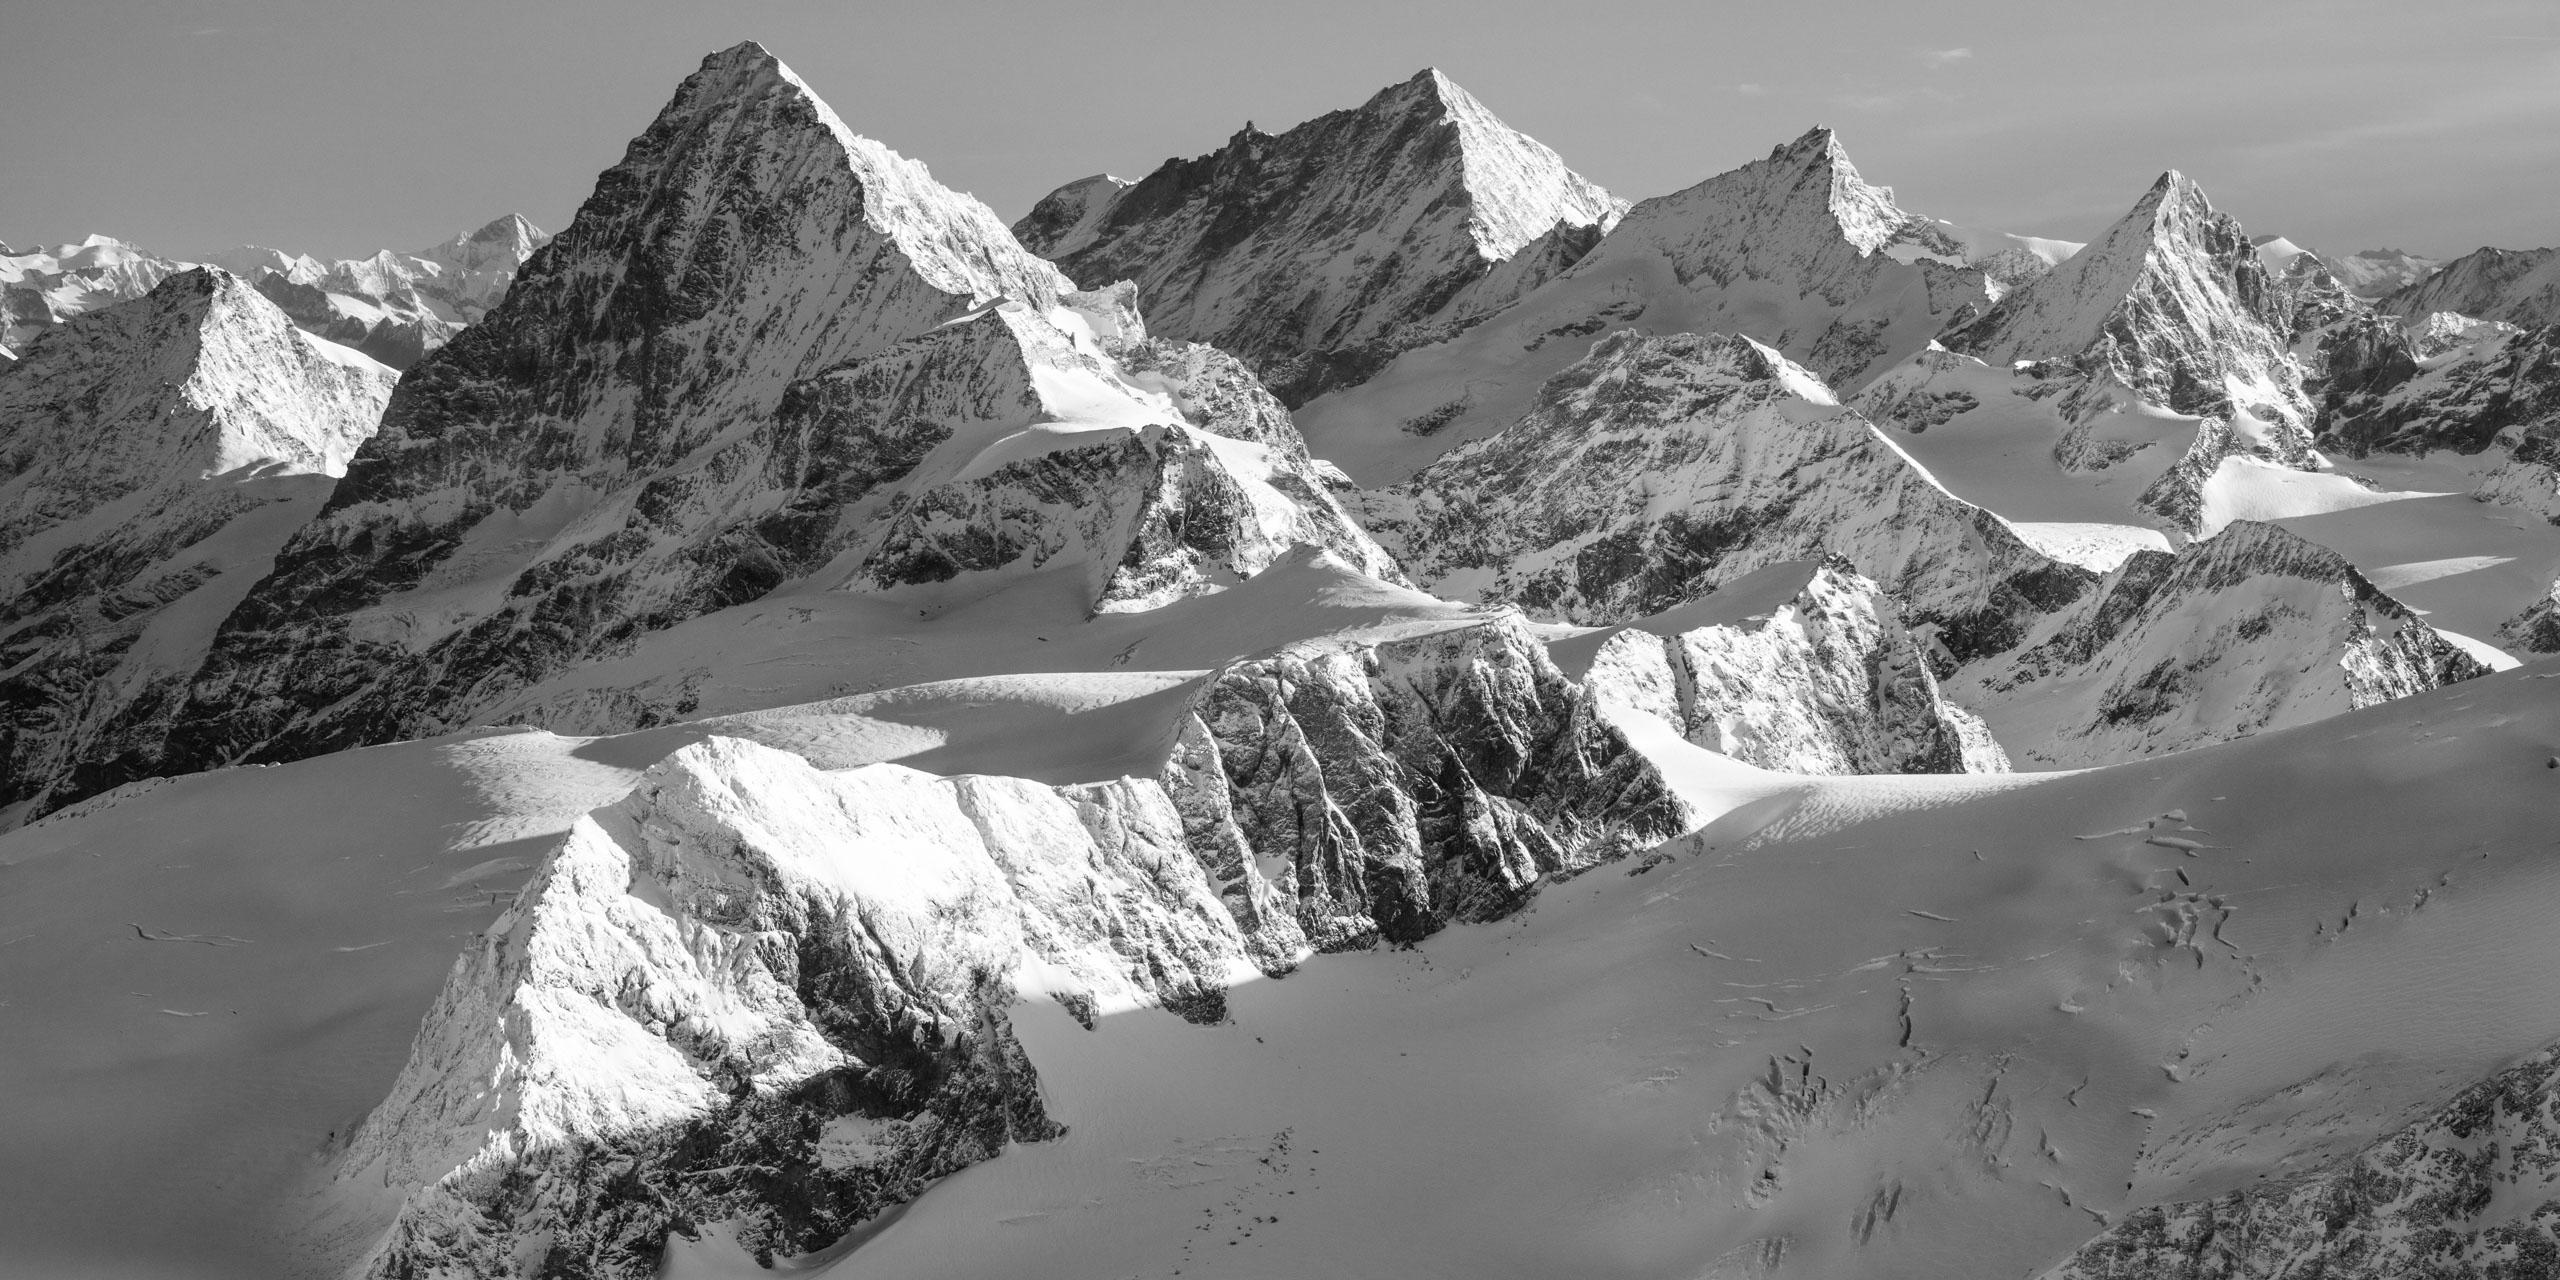 Photo de neige en montagne noir et blanc - Tirage photo à encadrer en vue panoramique - photo de montagne à vendre - Dent Blanche - Weisshorn - Zinalrothorn - Obergabelhorn